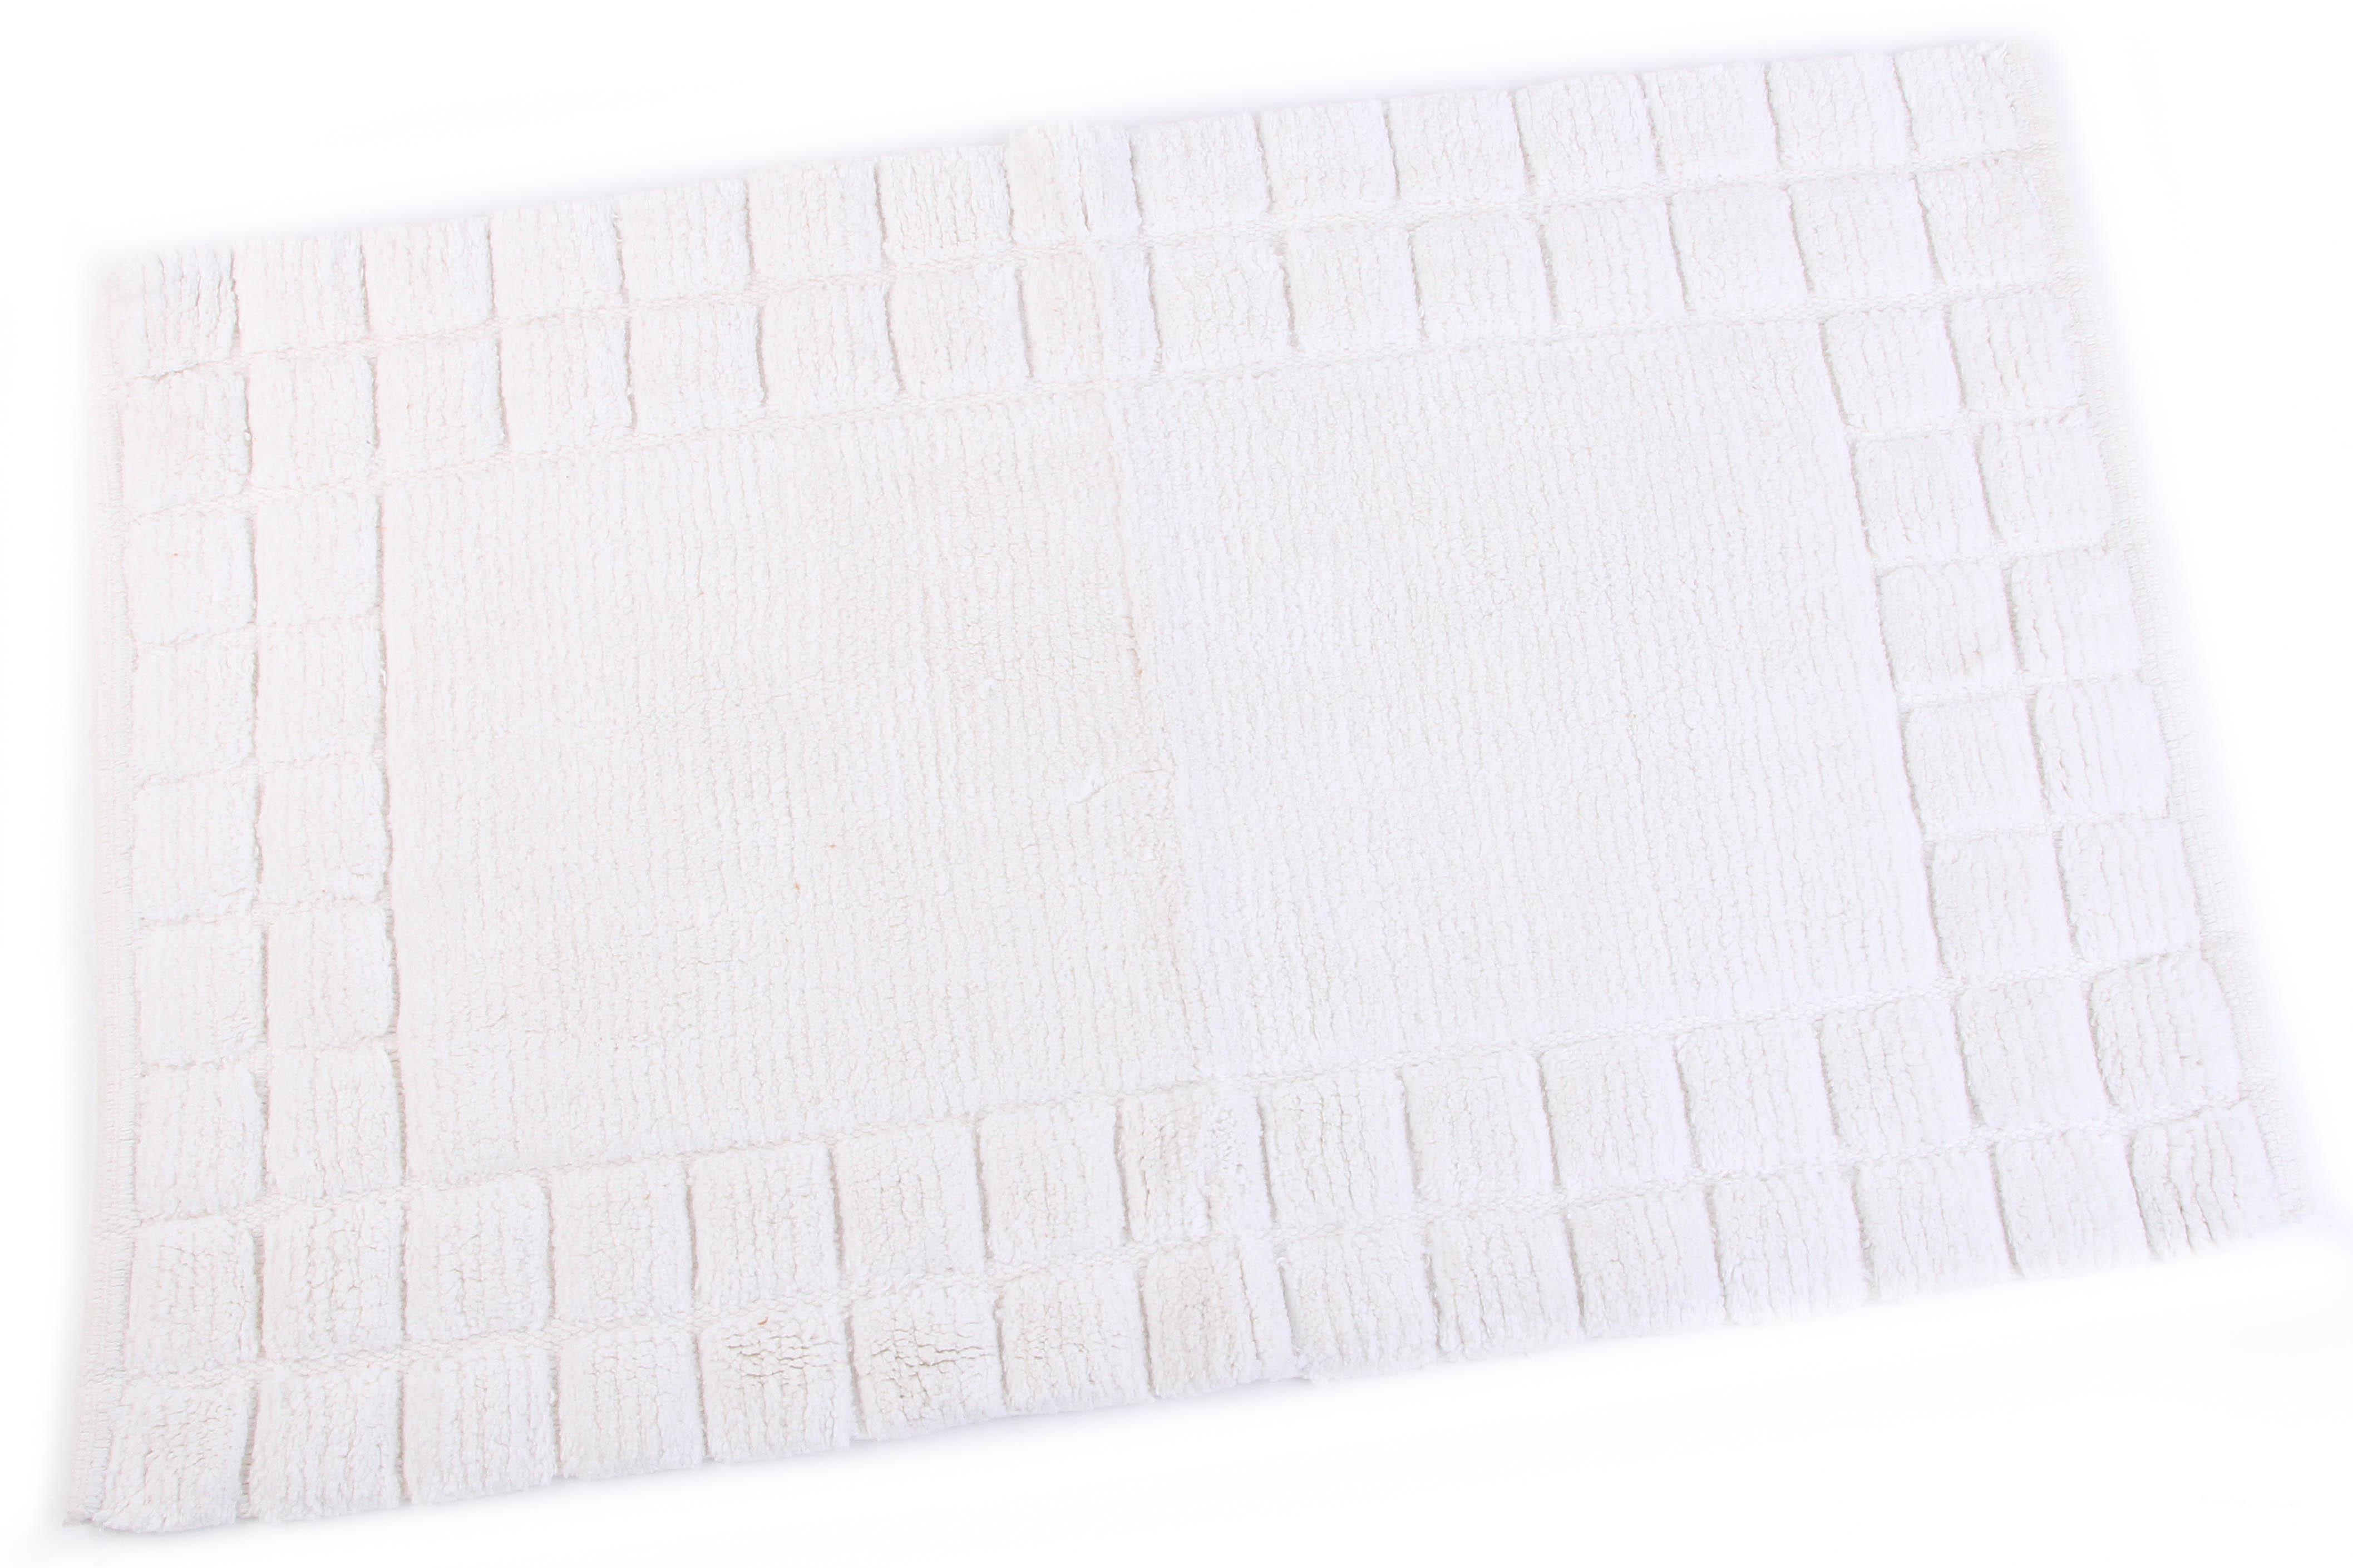 Аксессуары для ванной и туалета Ганг Коврик для ванной Thyrza Цвет: Белый (50х80 см) комод для ванной aquaton мадрид 80 белый